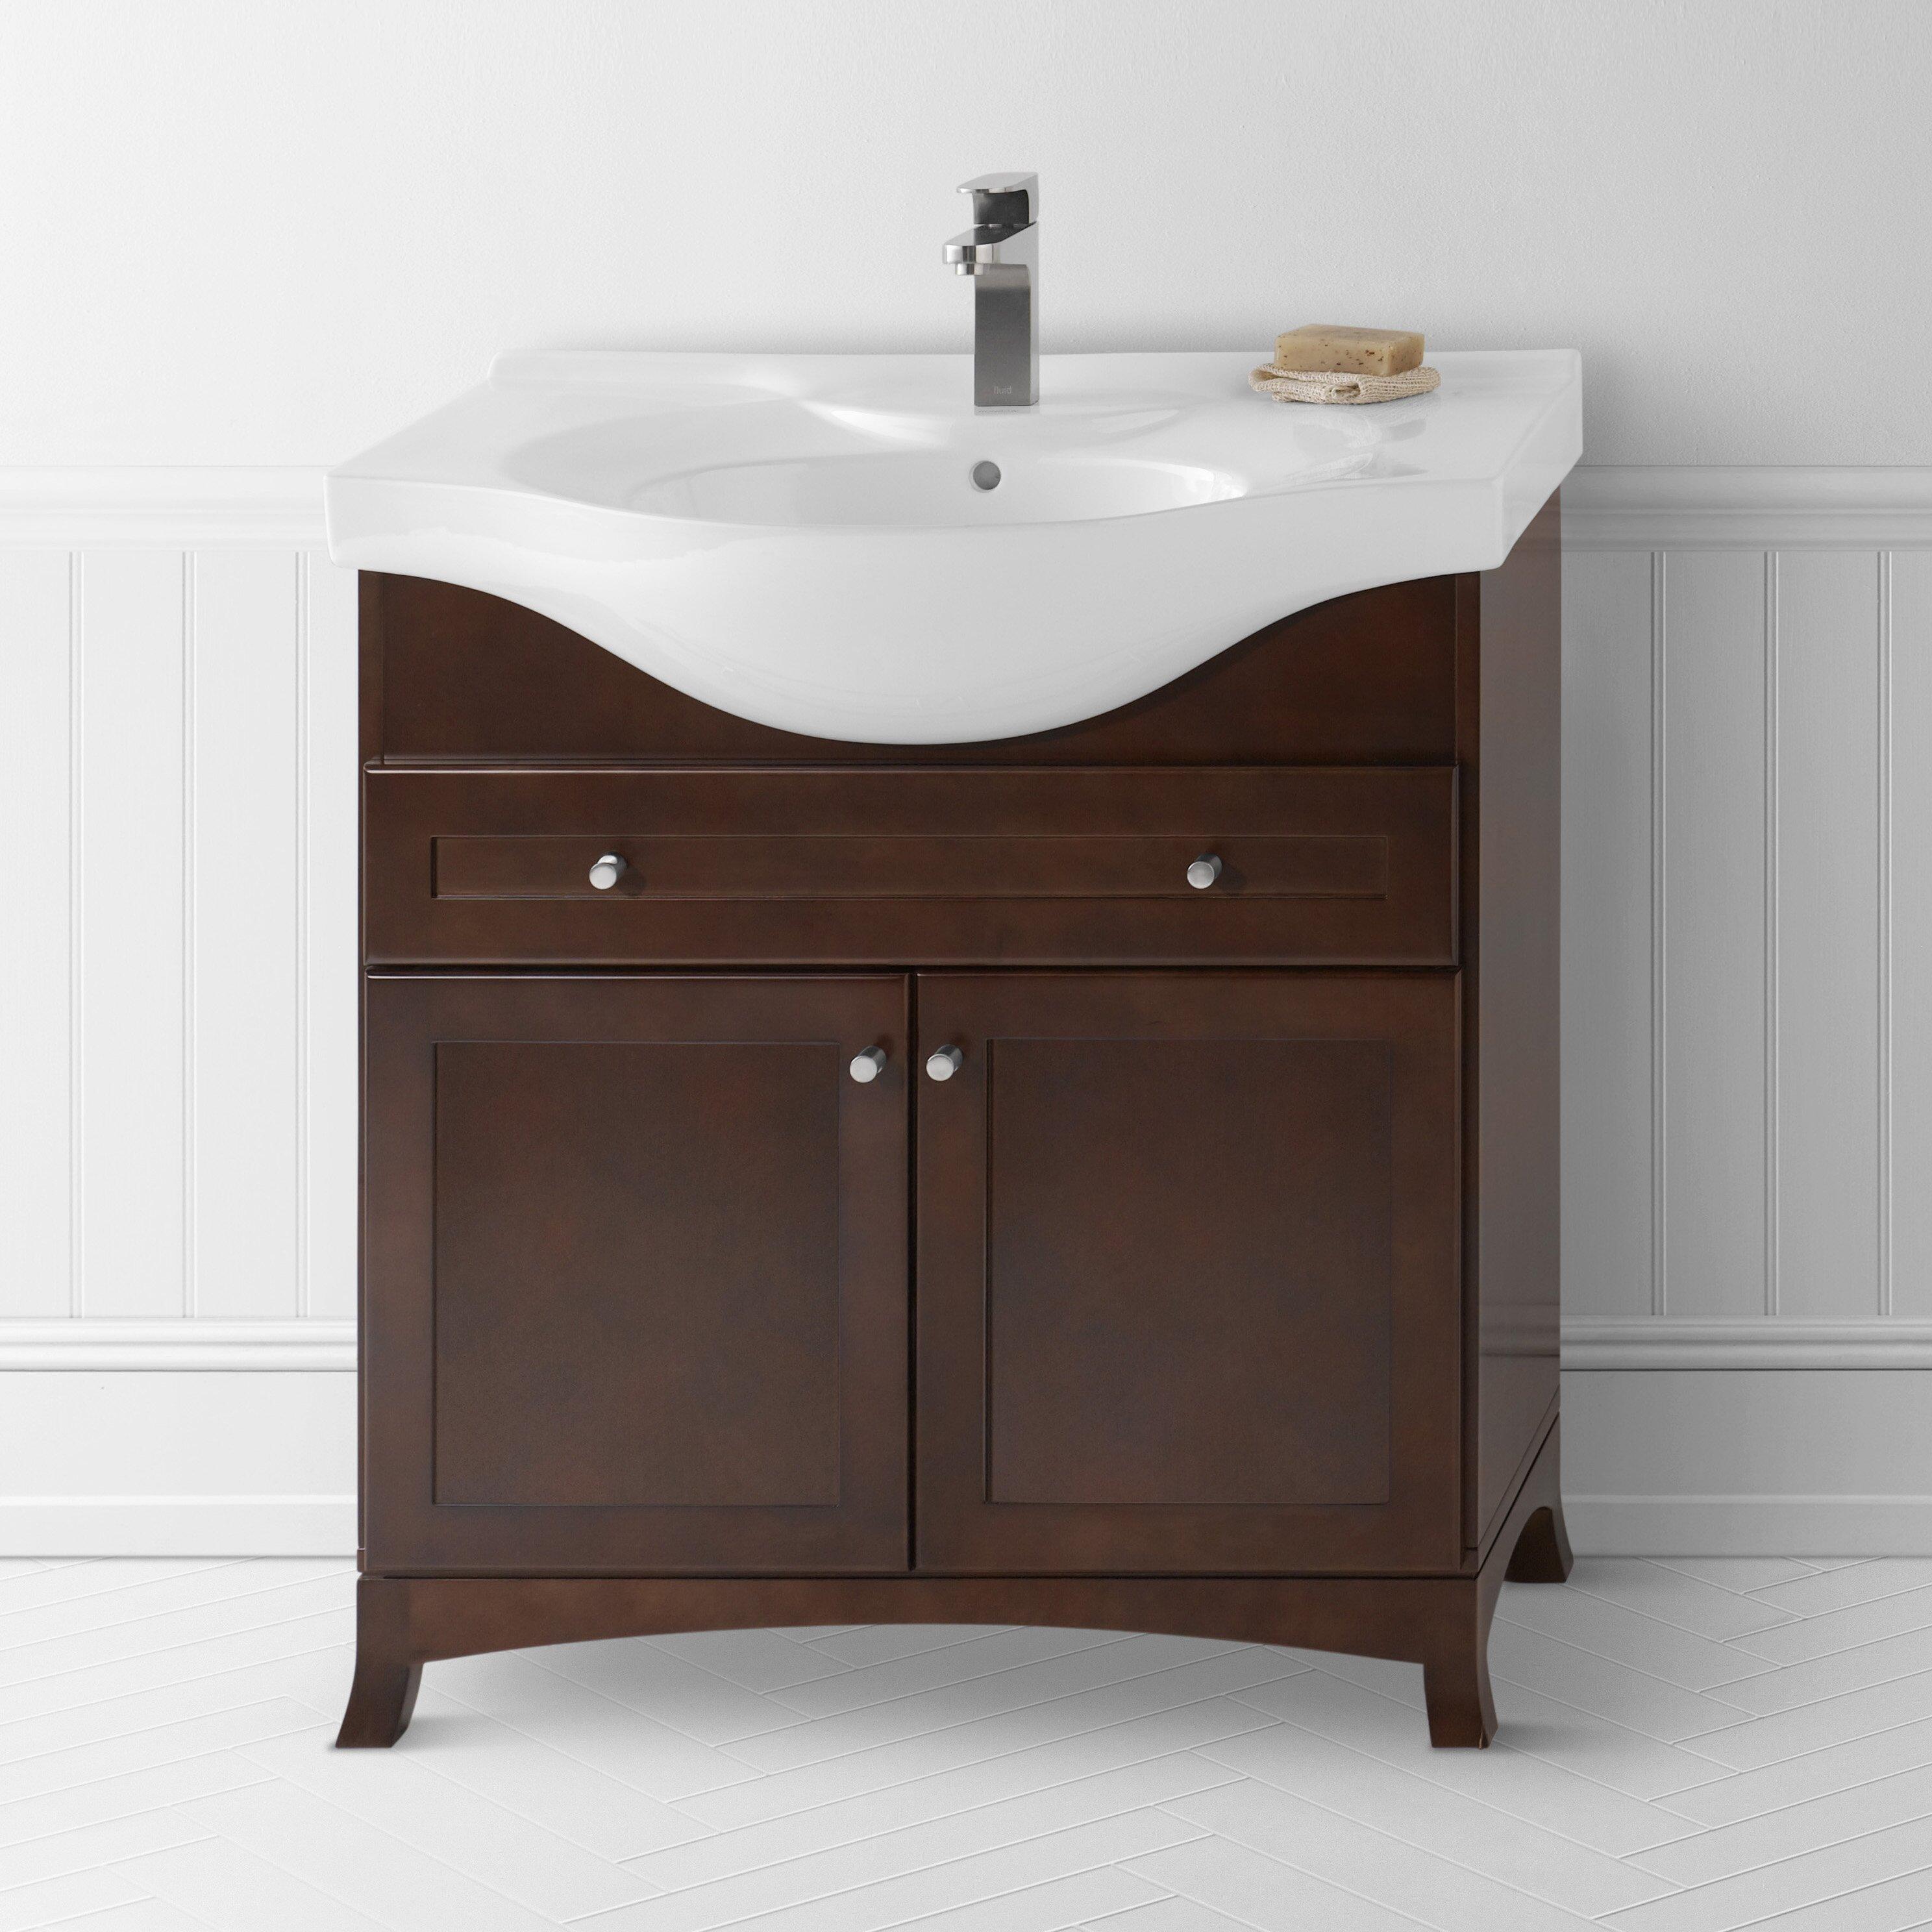 Ronbow Adara 31 Single Space Saver Bathroom Vanity Set Reviews Wayfair